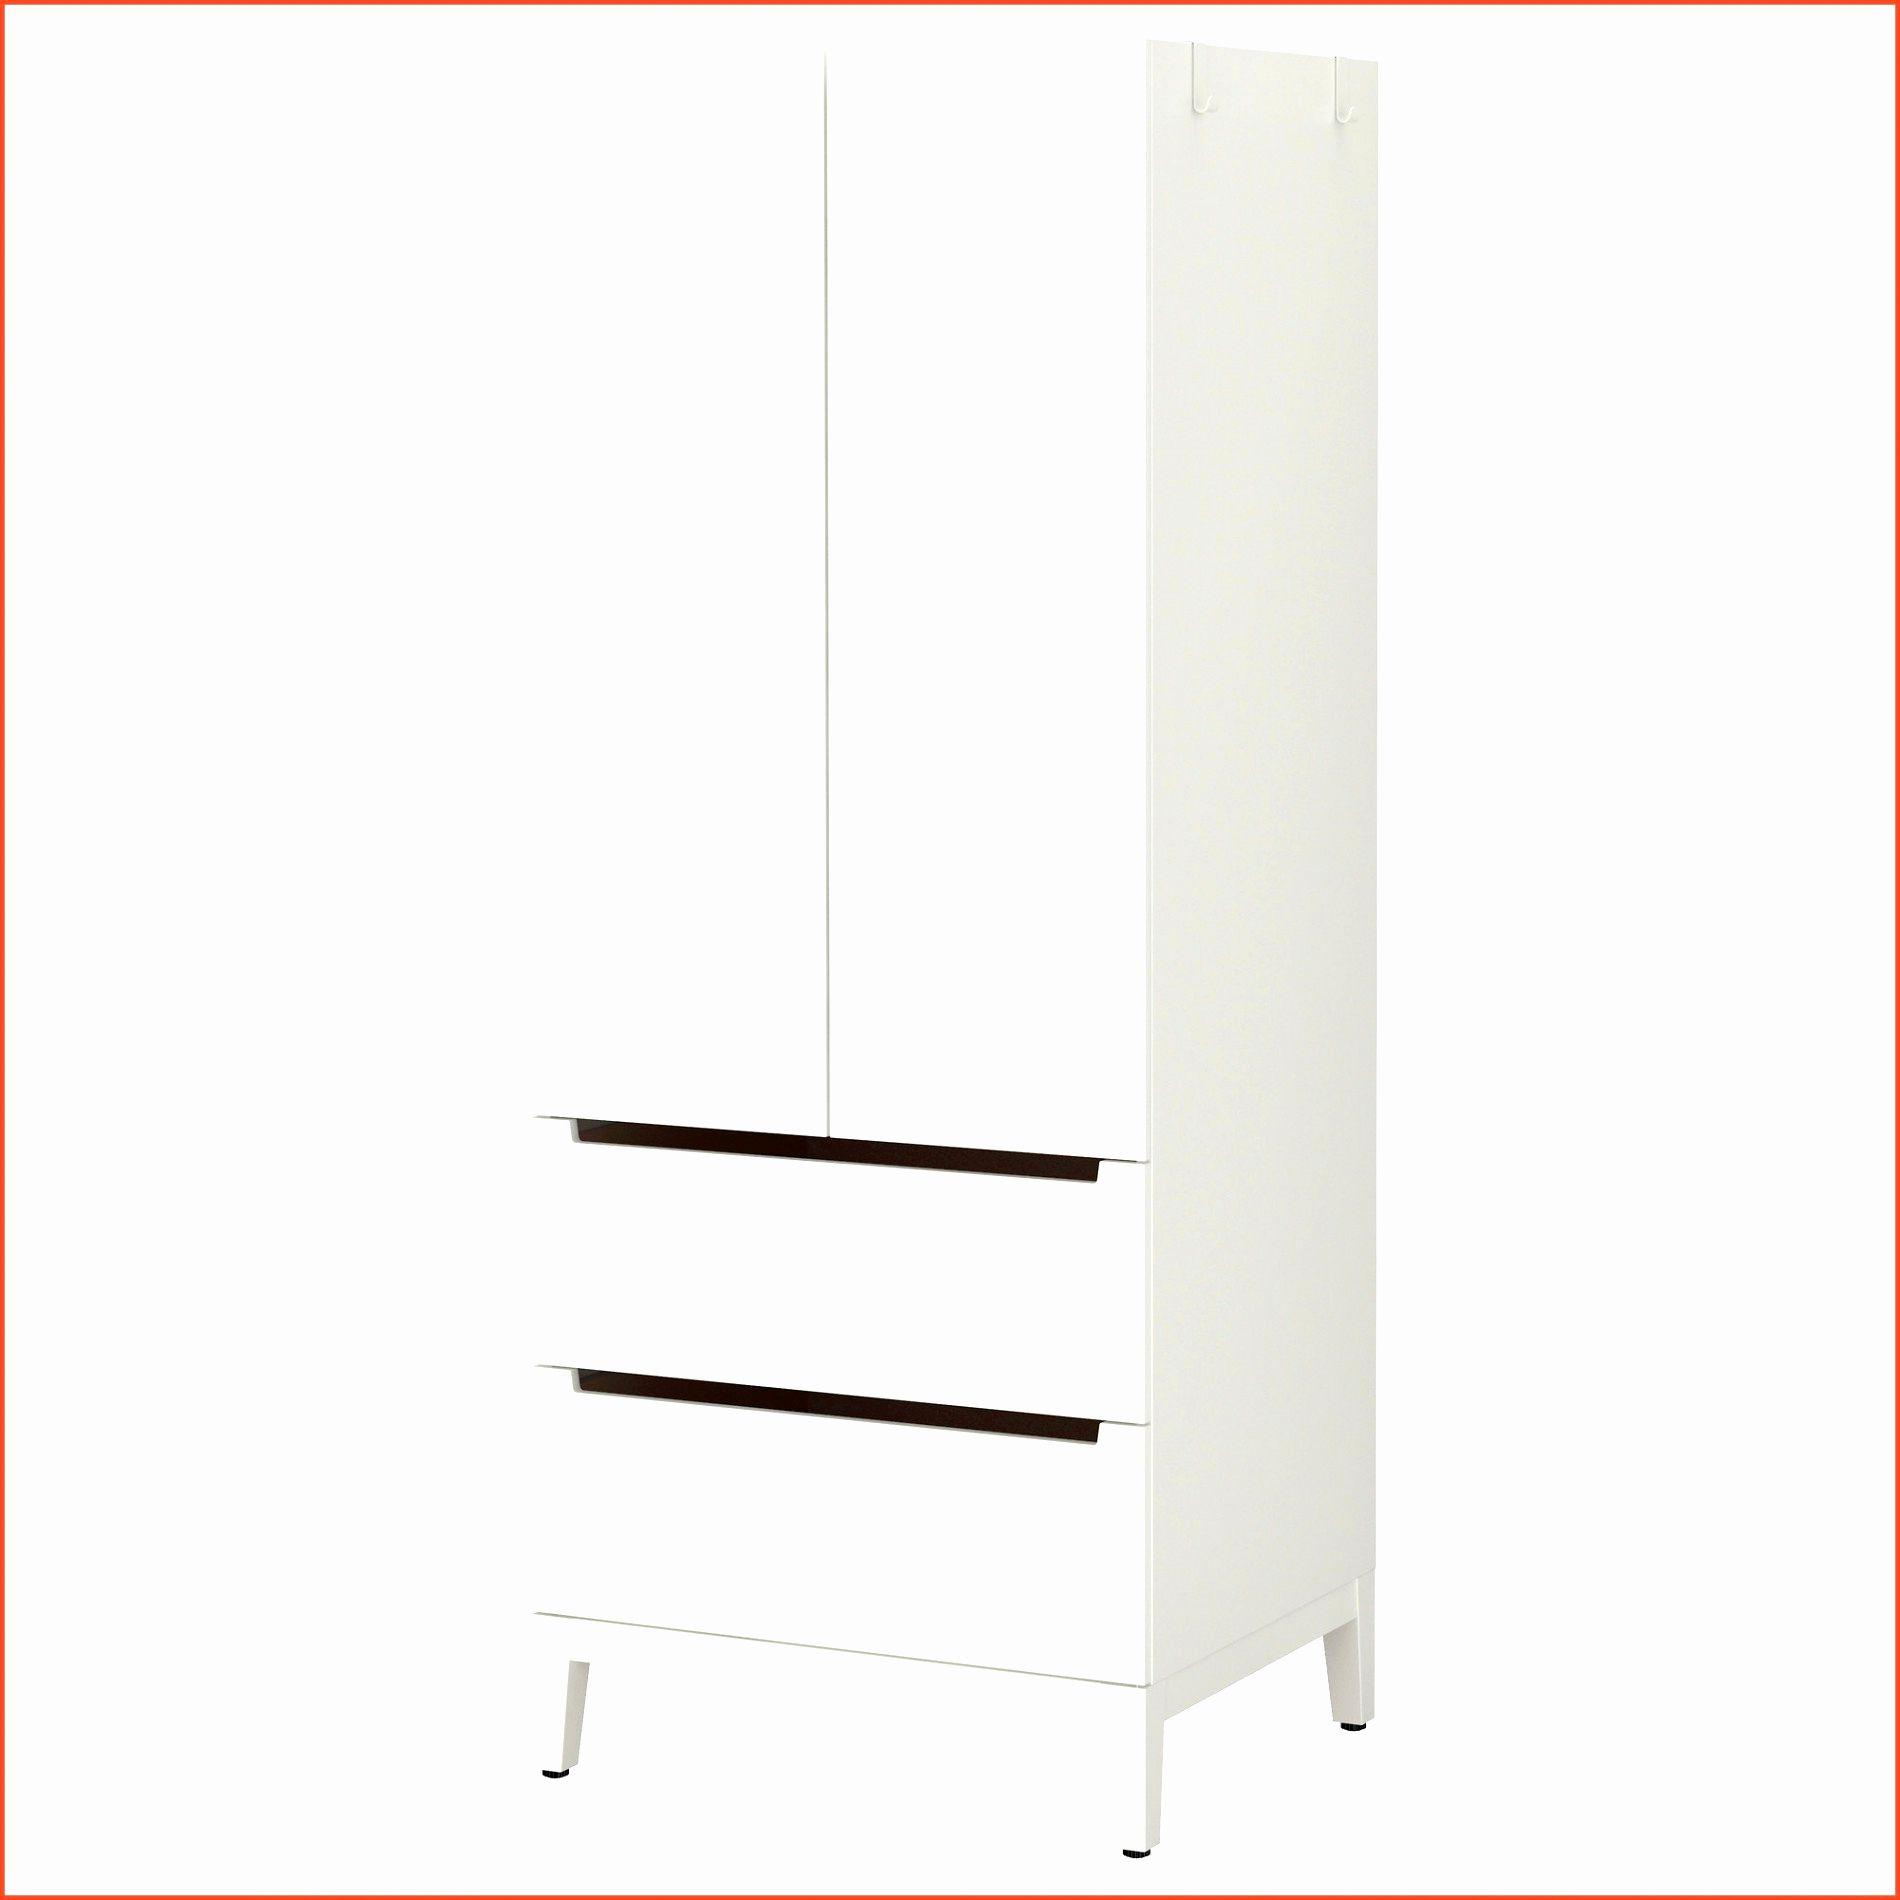 Kleiderschrank 170 Cm Breit Tall Cabinet Storage Decor House